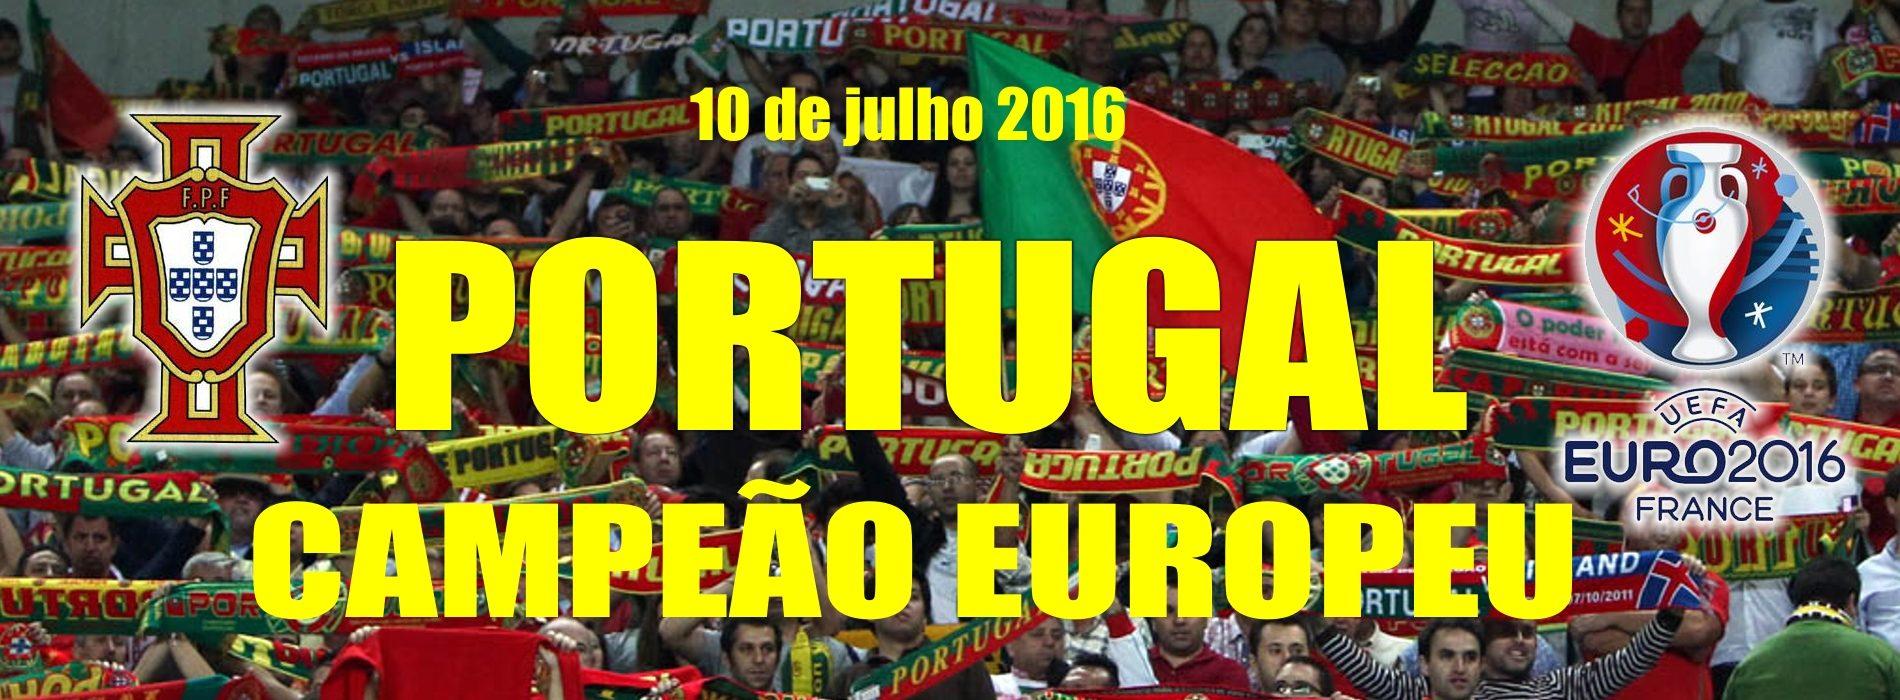 Portugal é Campeão Europeu depois de vencer a França por 1-0